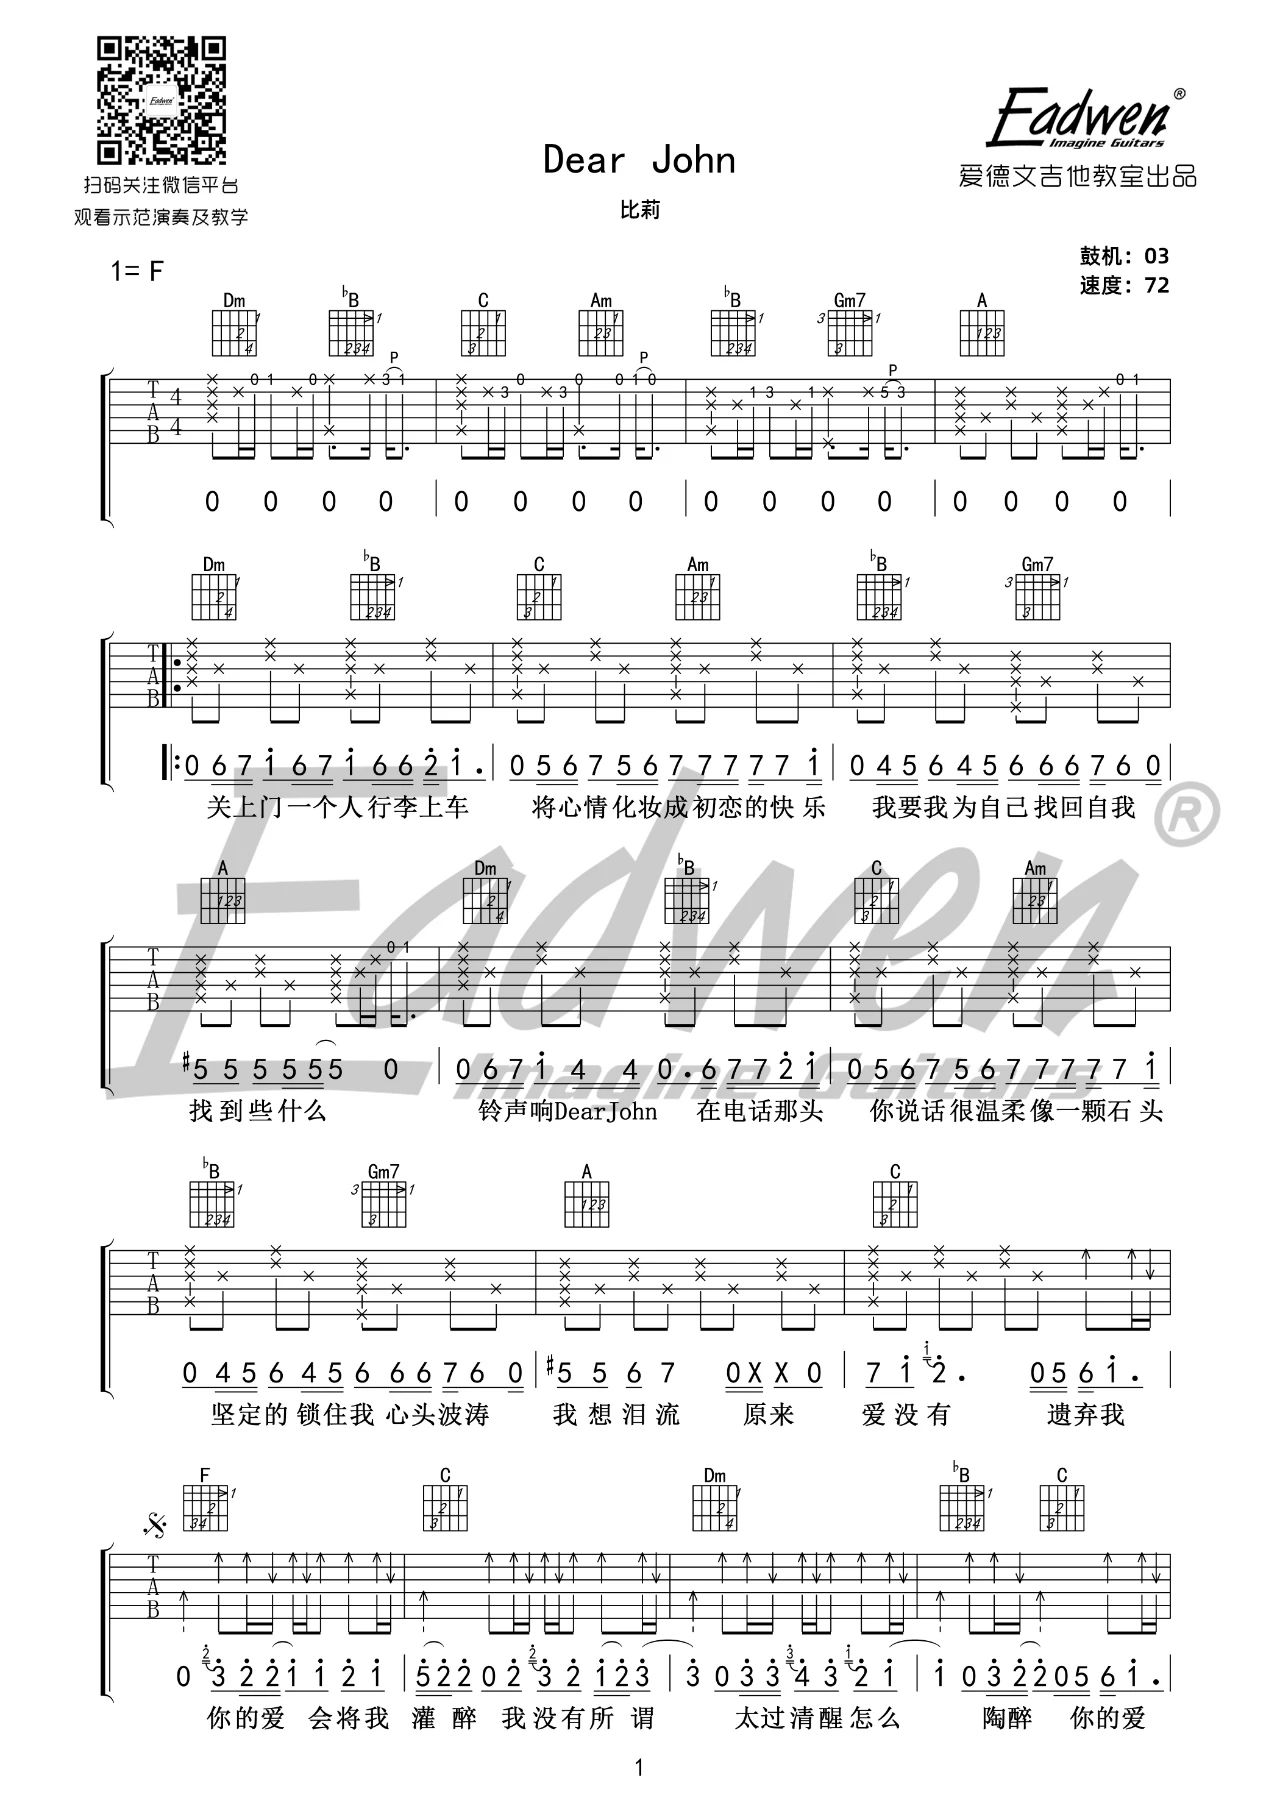 吉他派《Dear John》吉他谱-1